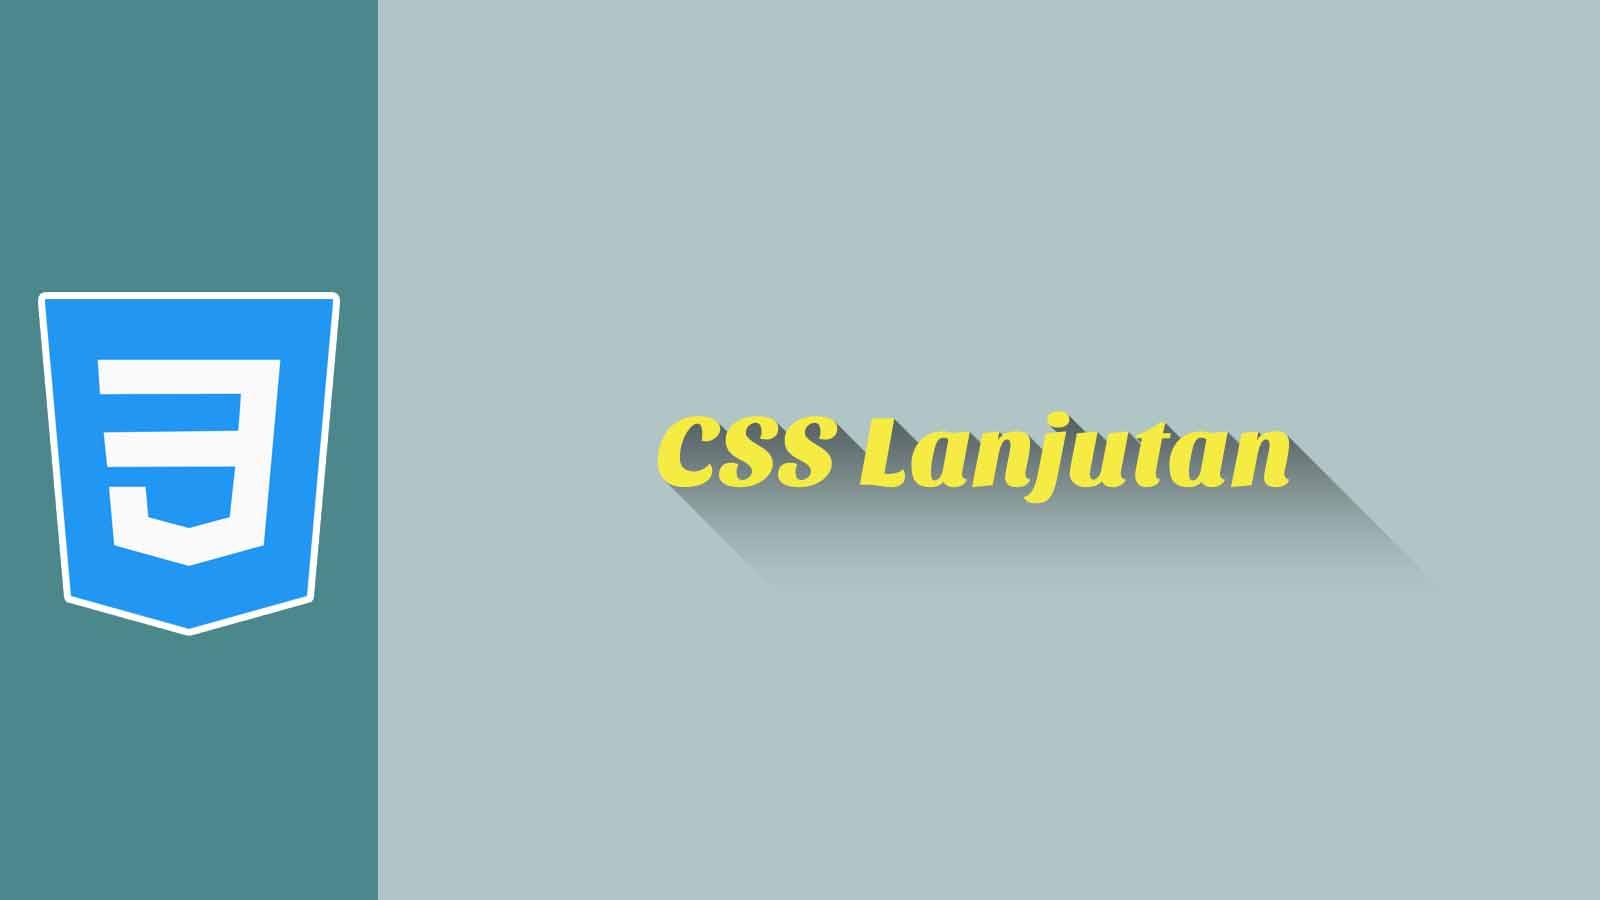 CSS Lanjutan